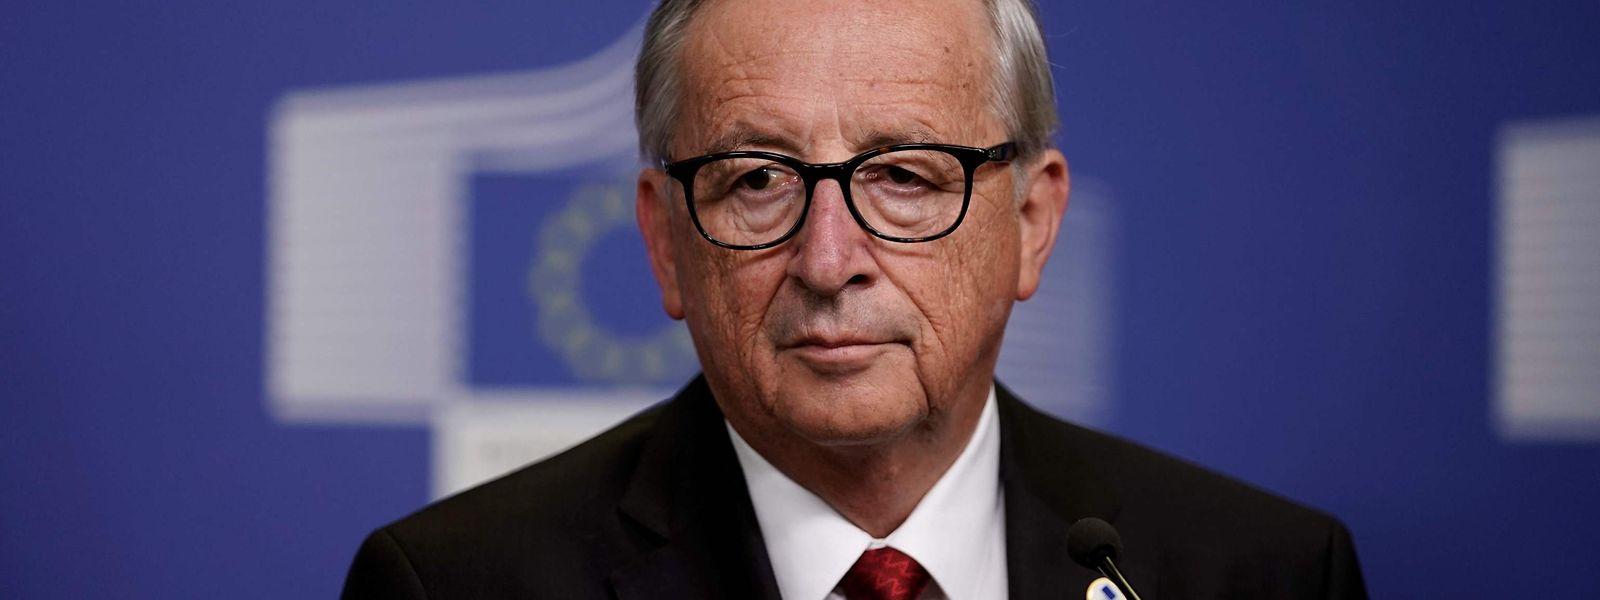 Der frühere Staatsminister Juncker soll als Zeuge im SREL-Verfahren aussagen.